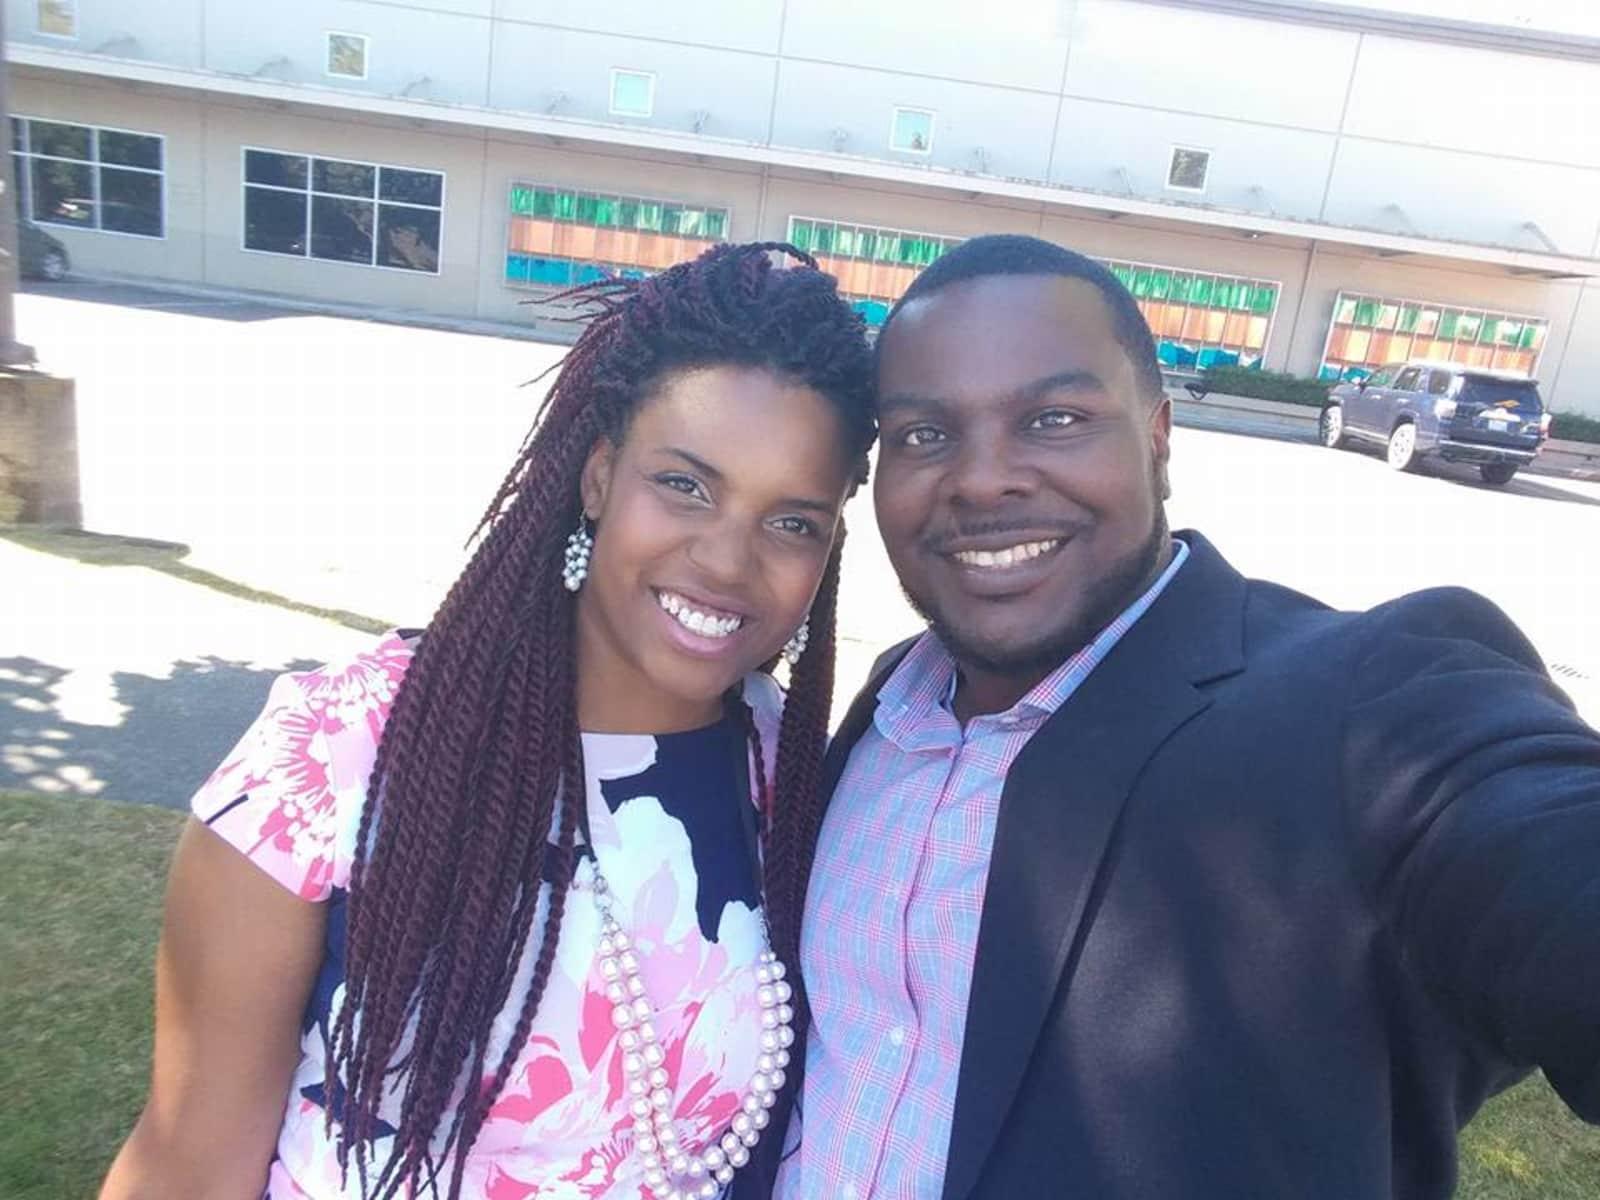 Jamina & Jermaine from Renton, Washington, United States